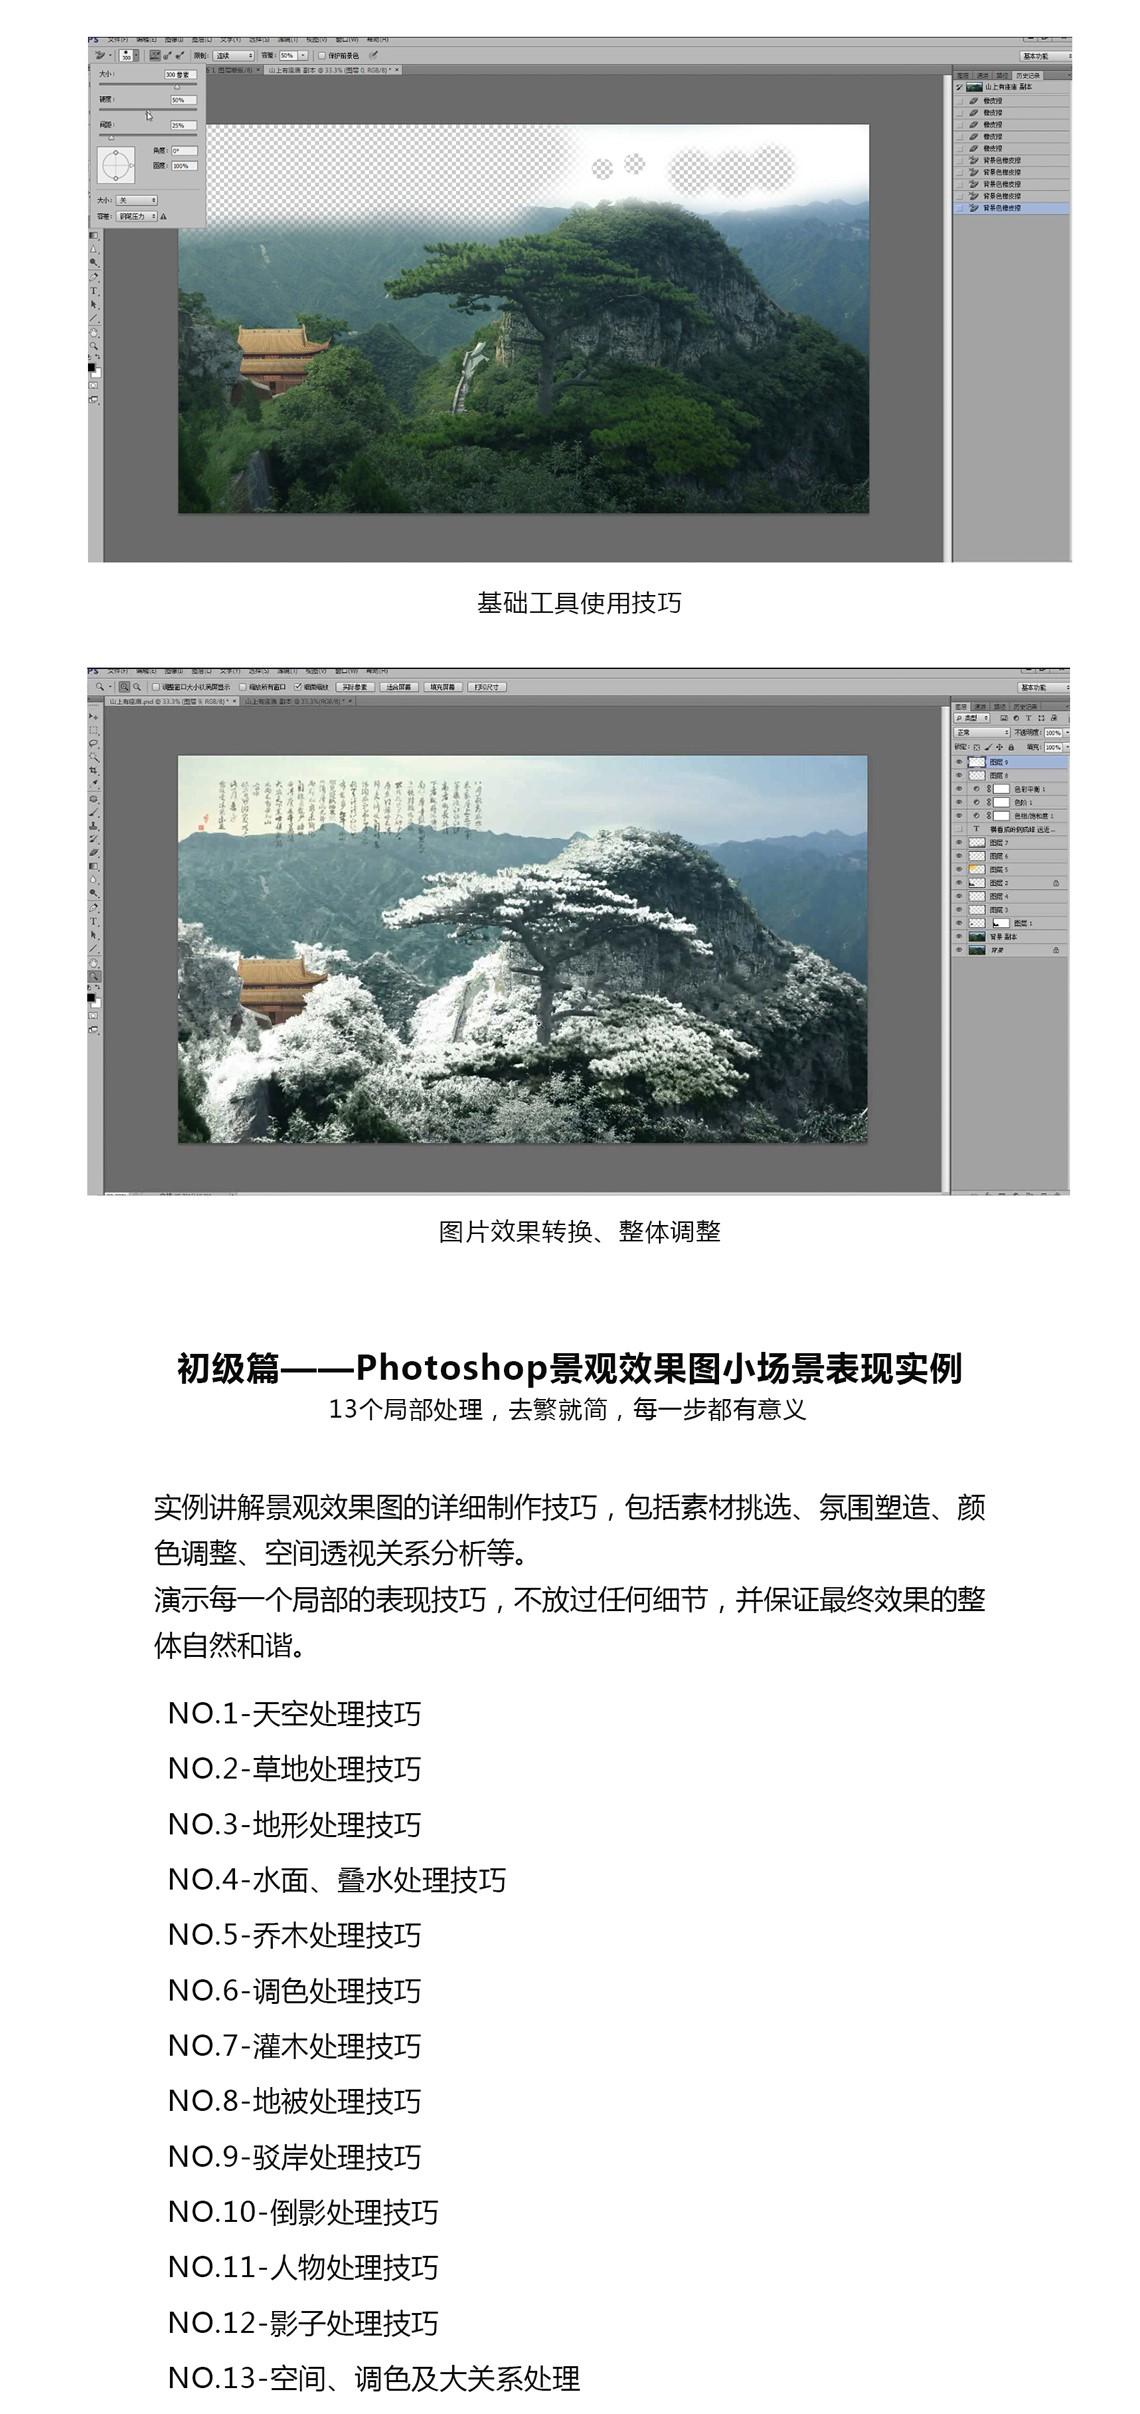 ps景观效果图小场景表现实例,Photoshop景观效果图,景观效果图表现,ps景观效果图